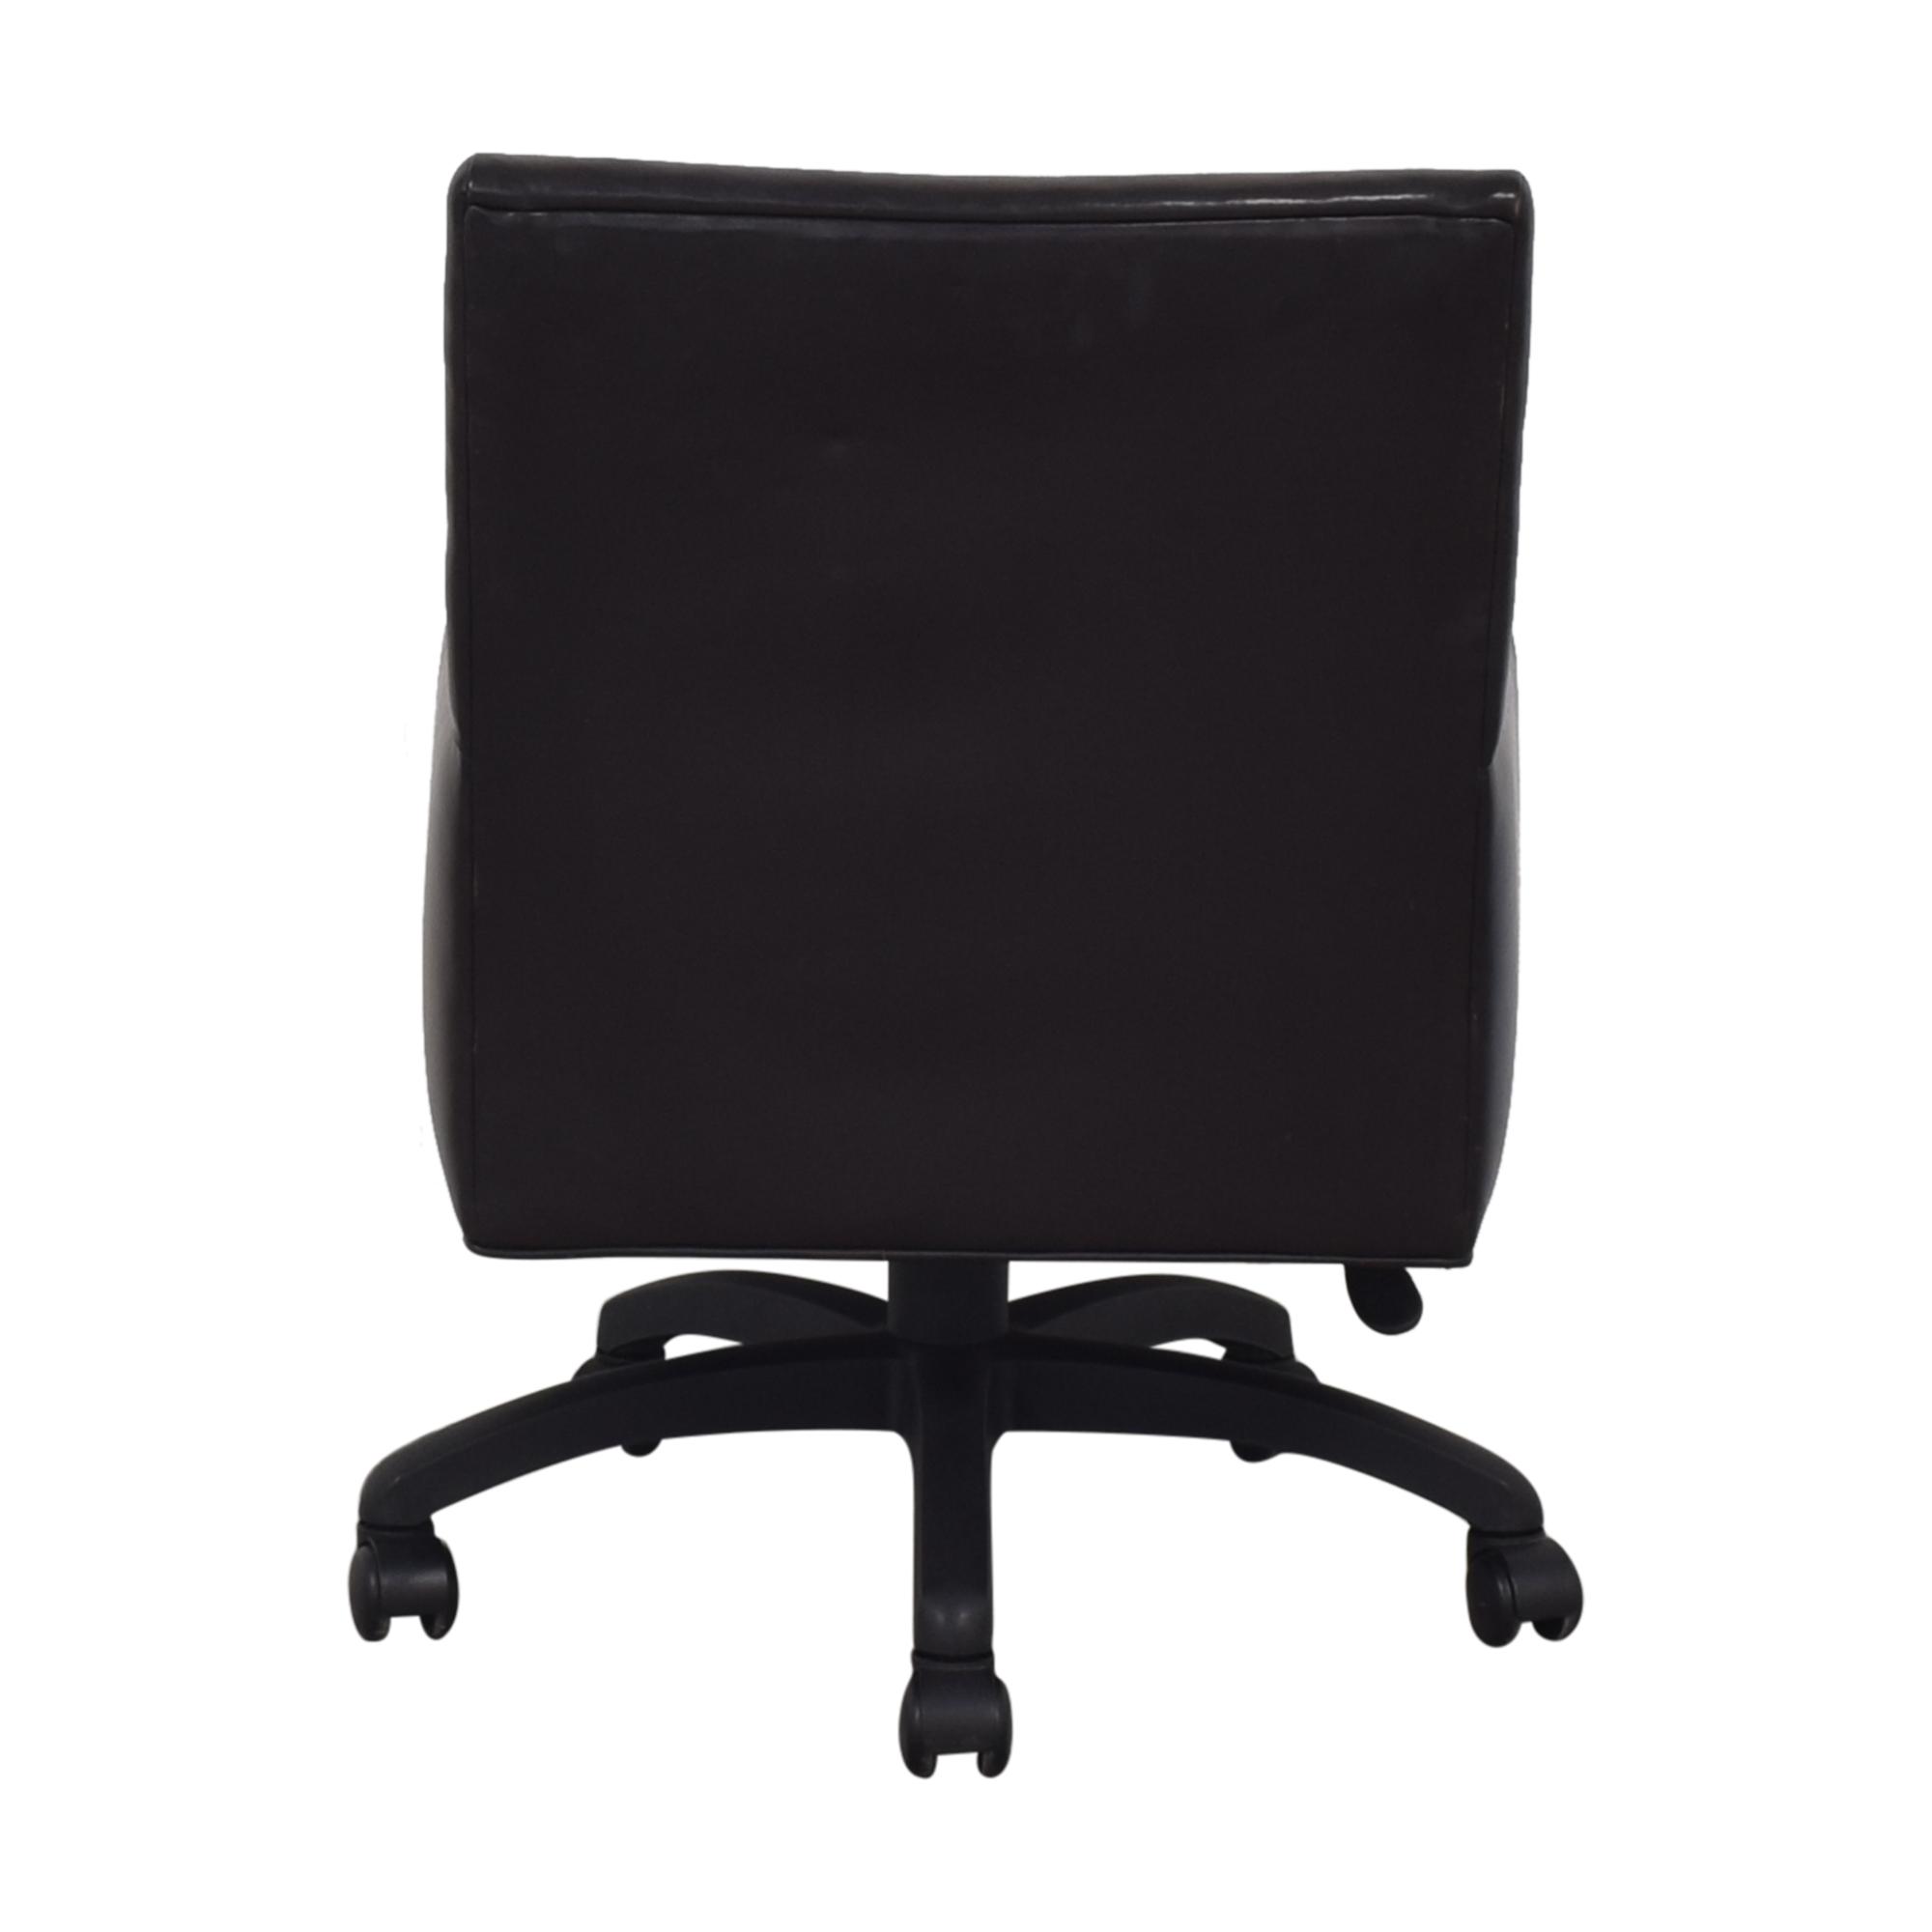 Crate & Barrel Crate & Barrel Office Chair nj